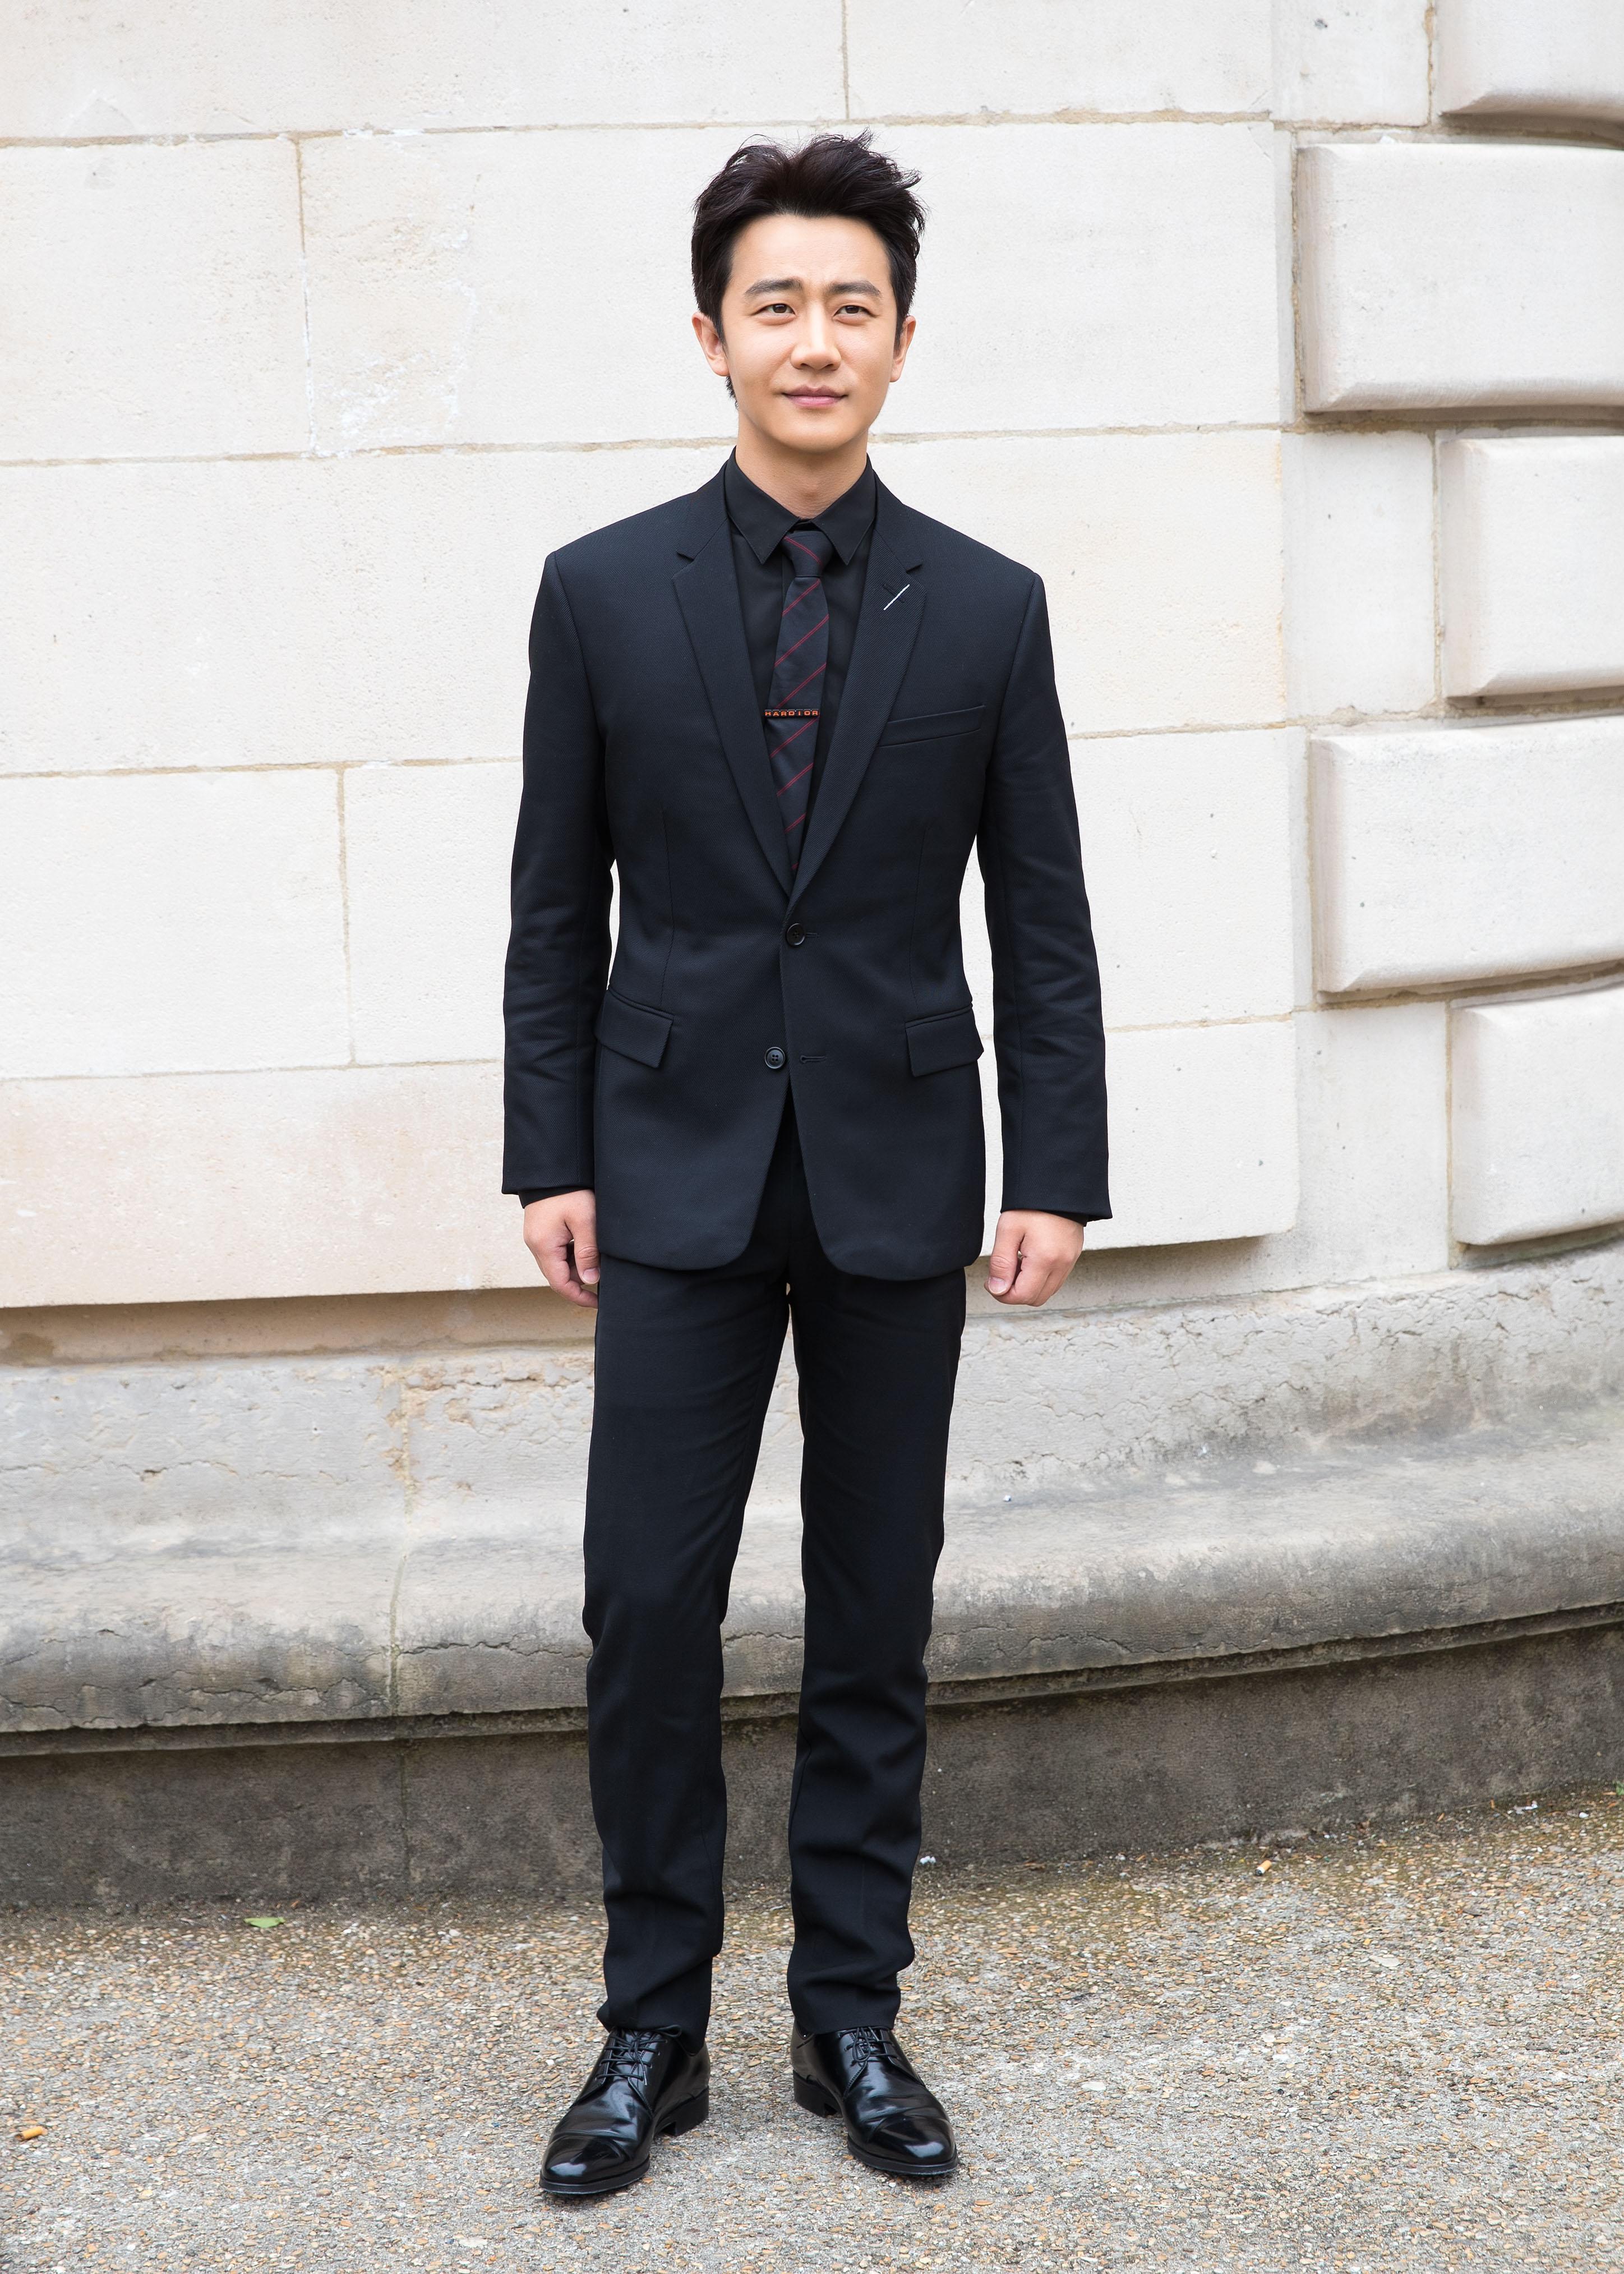 主角丨黄轩撩开他的西装,说里面藏着一颗不羁的心